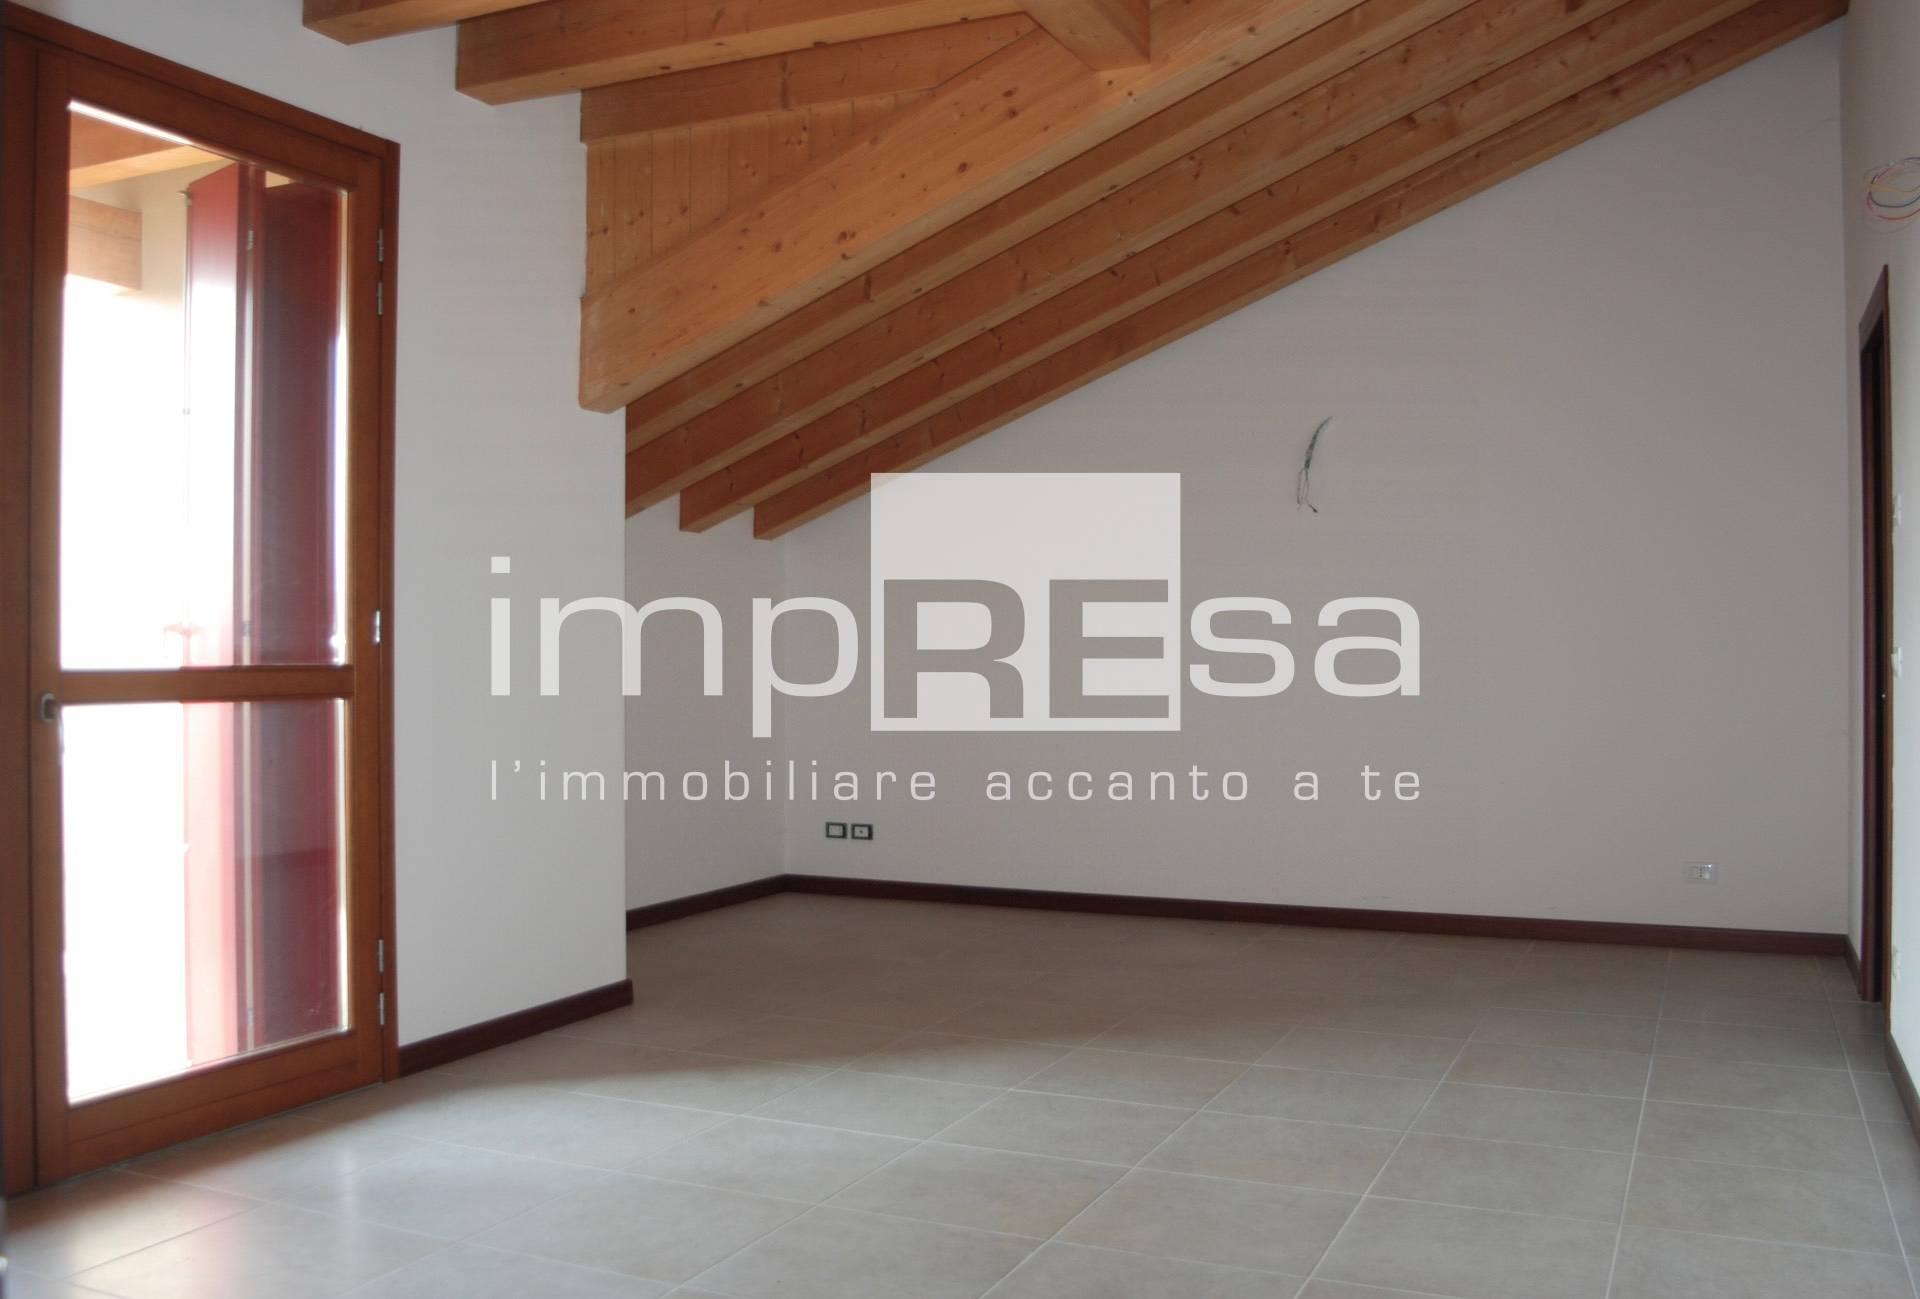 Attico / Mansarda in vendita a Treviso, 7 locali, zona Località: S.Pelajo, prezzo € 255.000   PortaleAgenzieImmobiliari.it